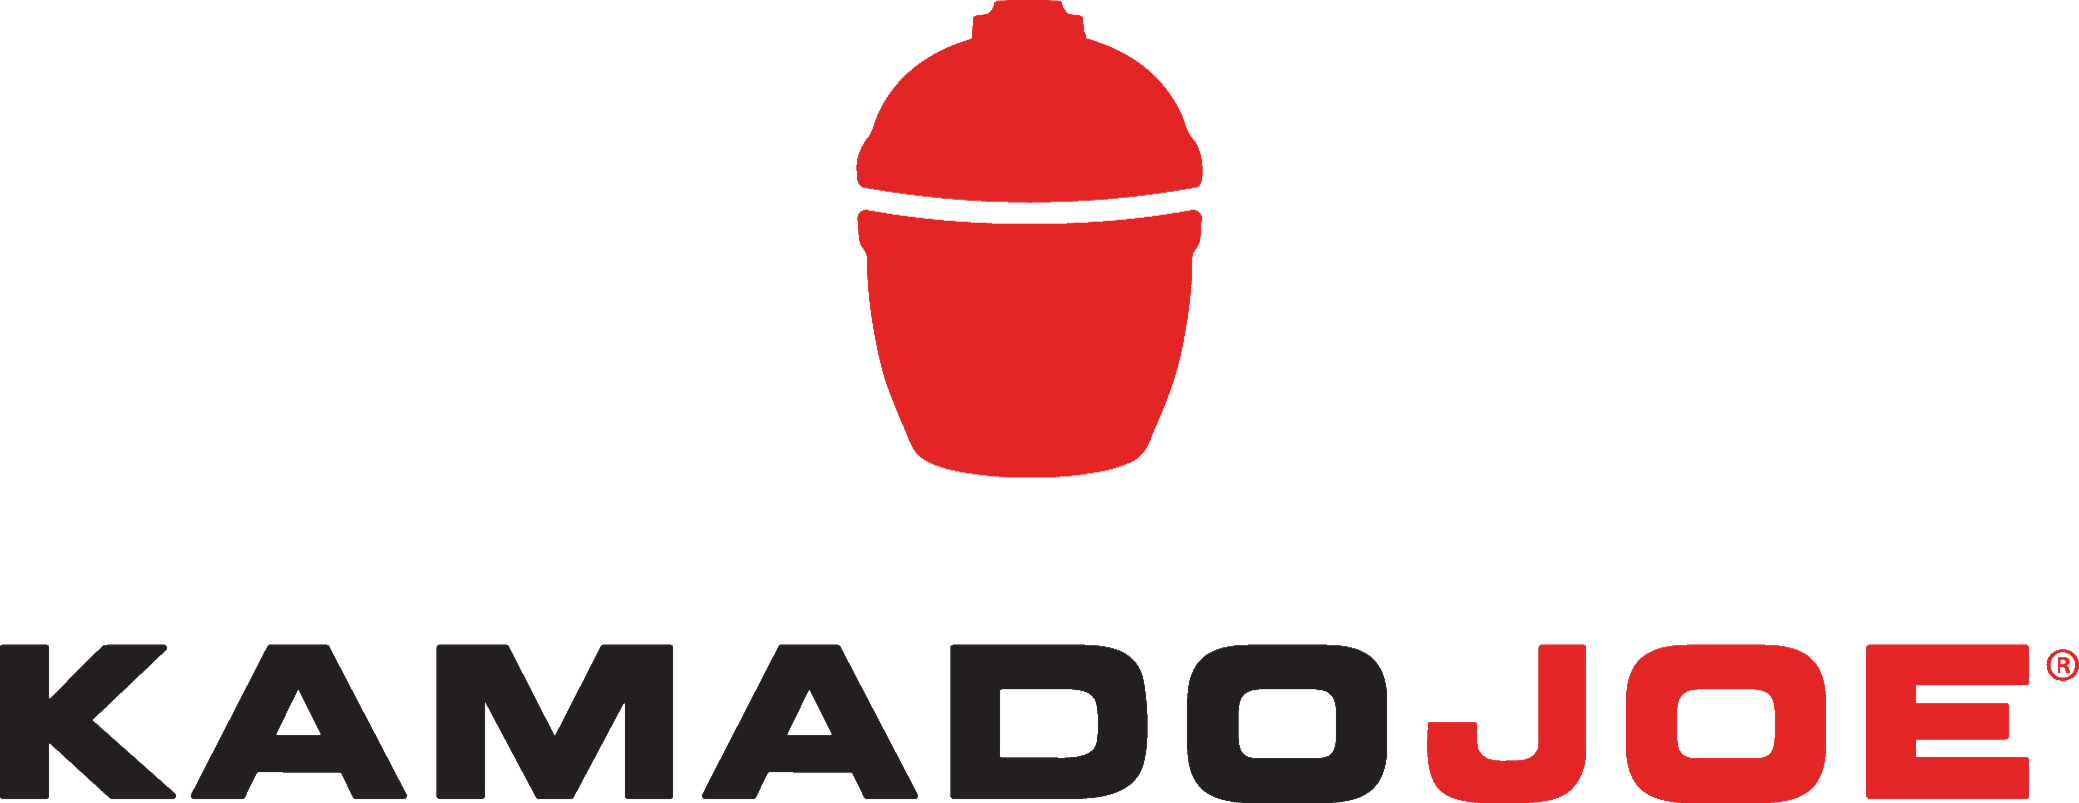 Kjo Logo